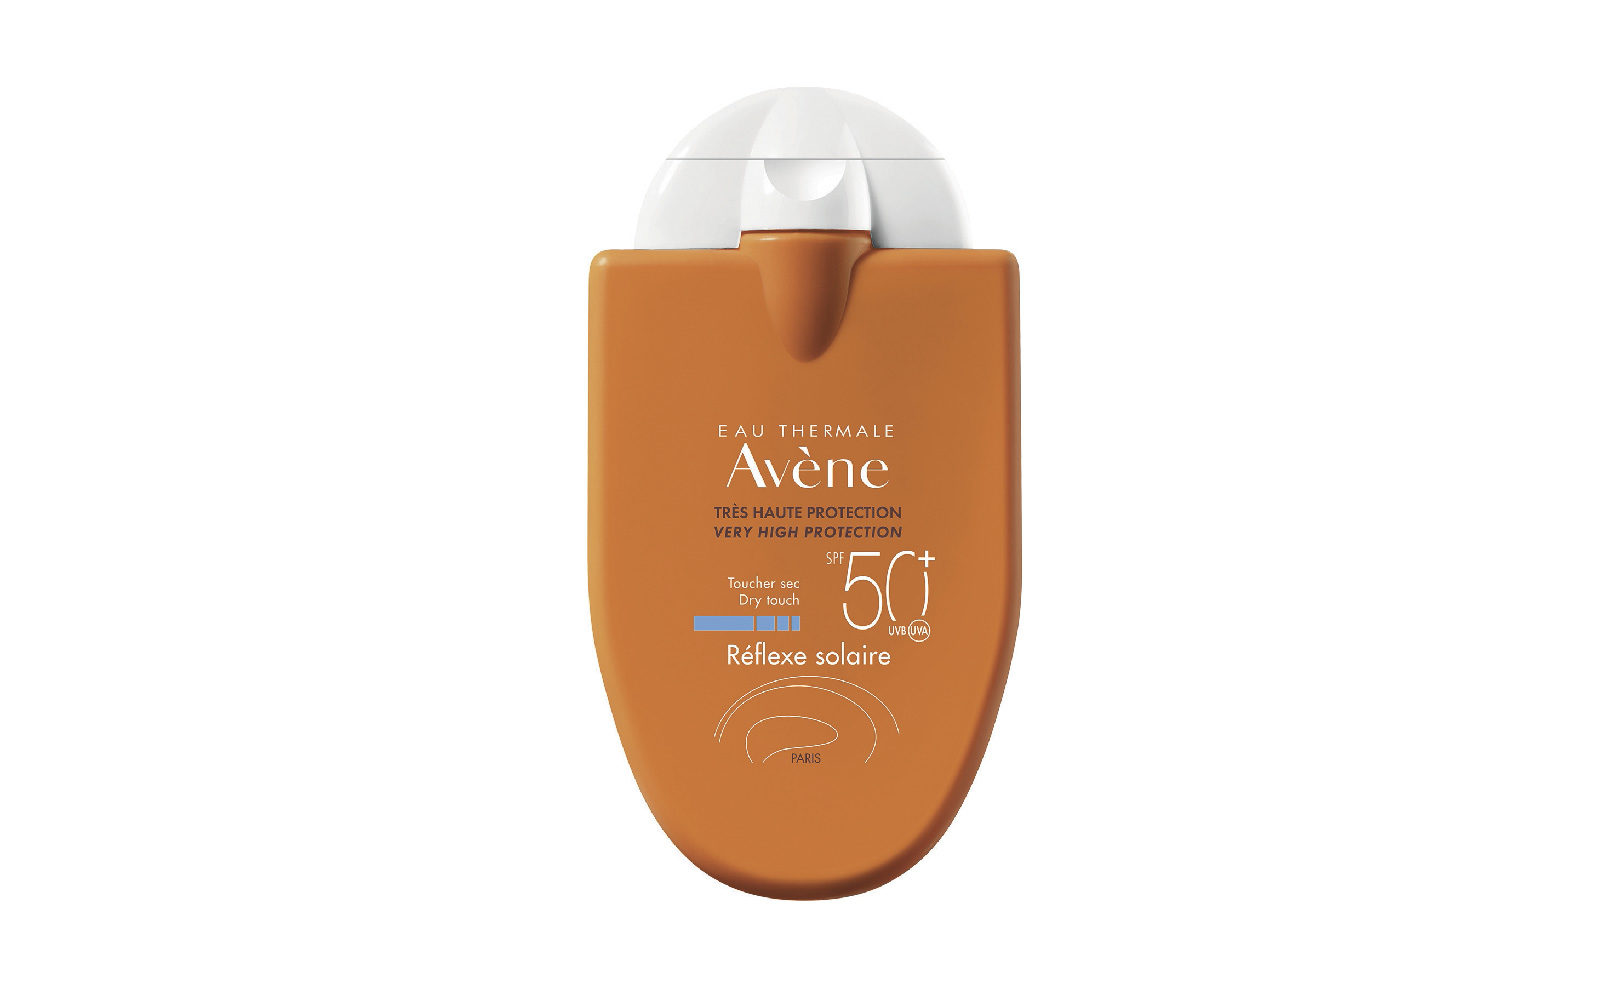 Réflexe Solaire Spf50+ di Eau Thermale Avène ha un formato tascabile extra-piatto, adatto in vacanza e in città (farmacia, 15,90 euro).